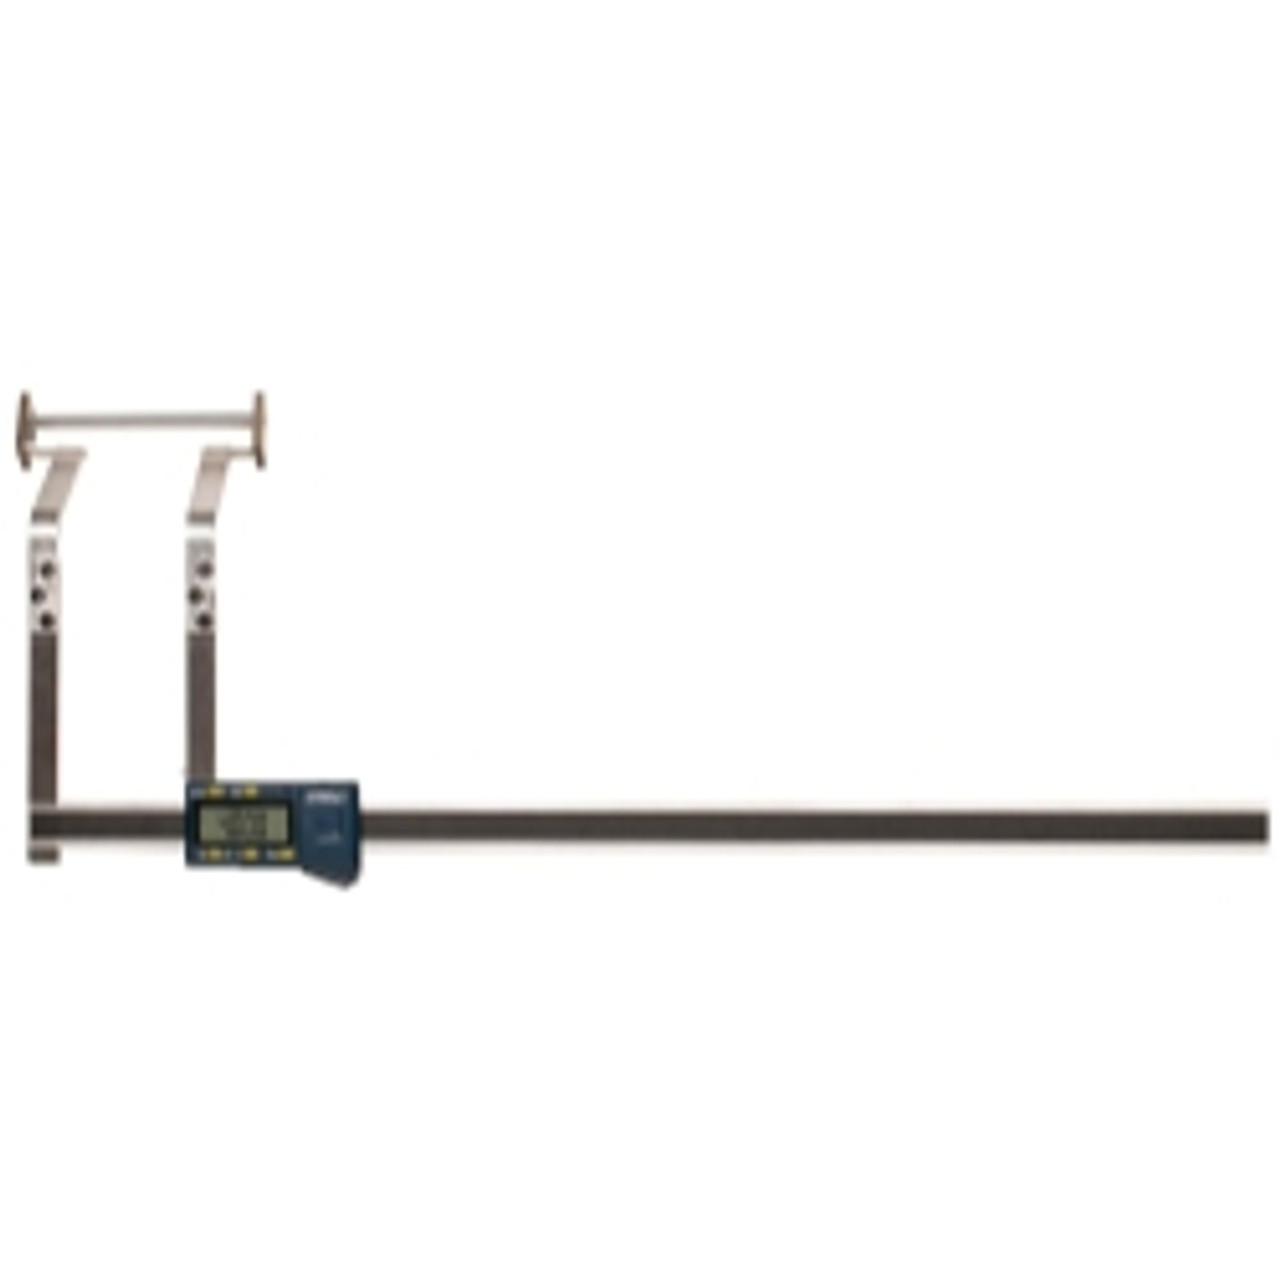 Fowler 74-150-050-0 EZ-Drum Reach Electronic Brake Drum Gauge